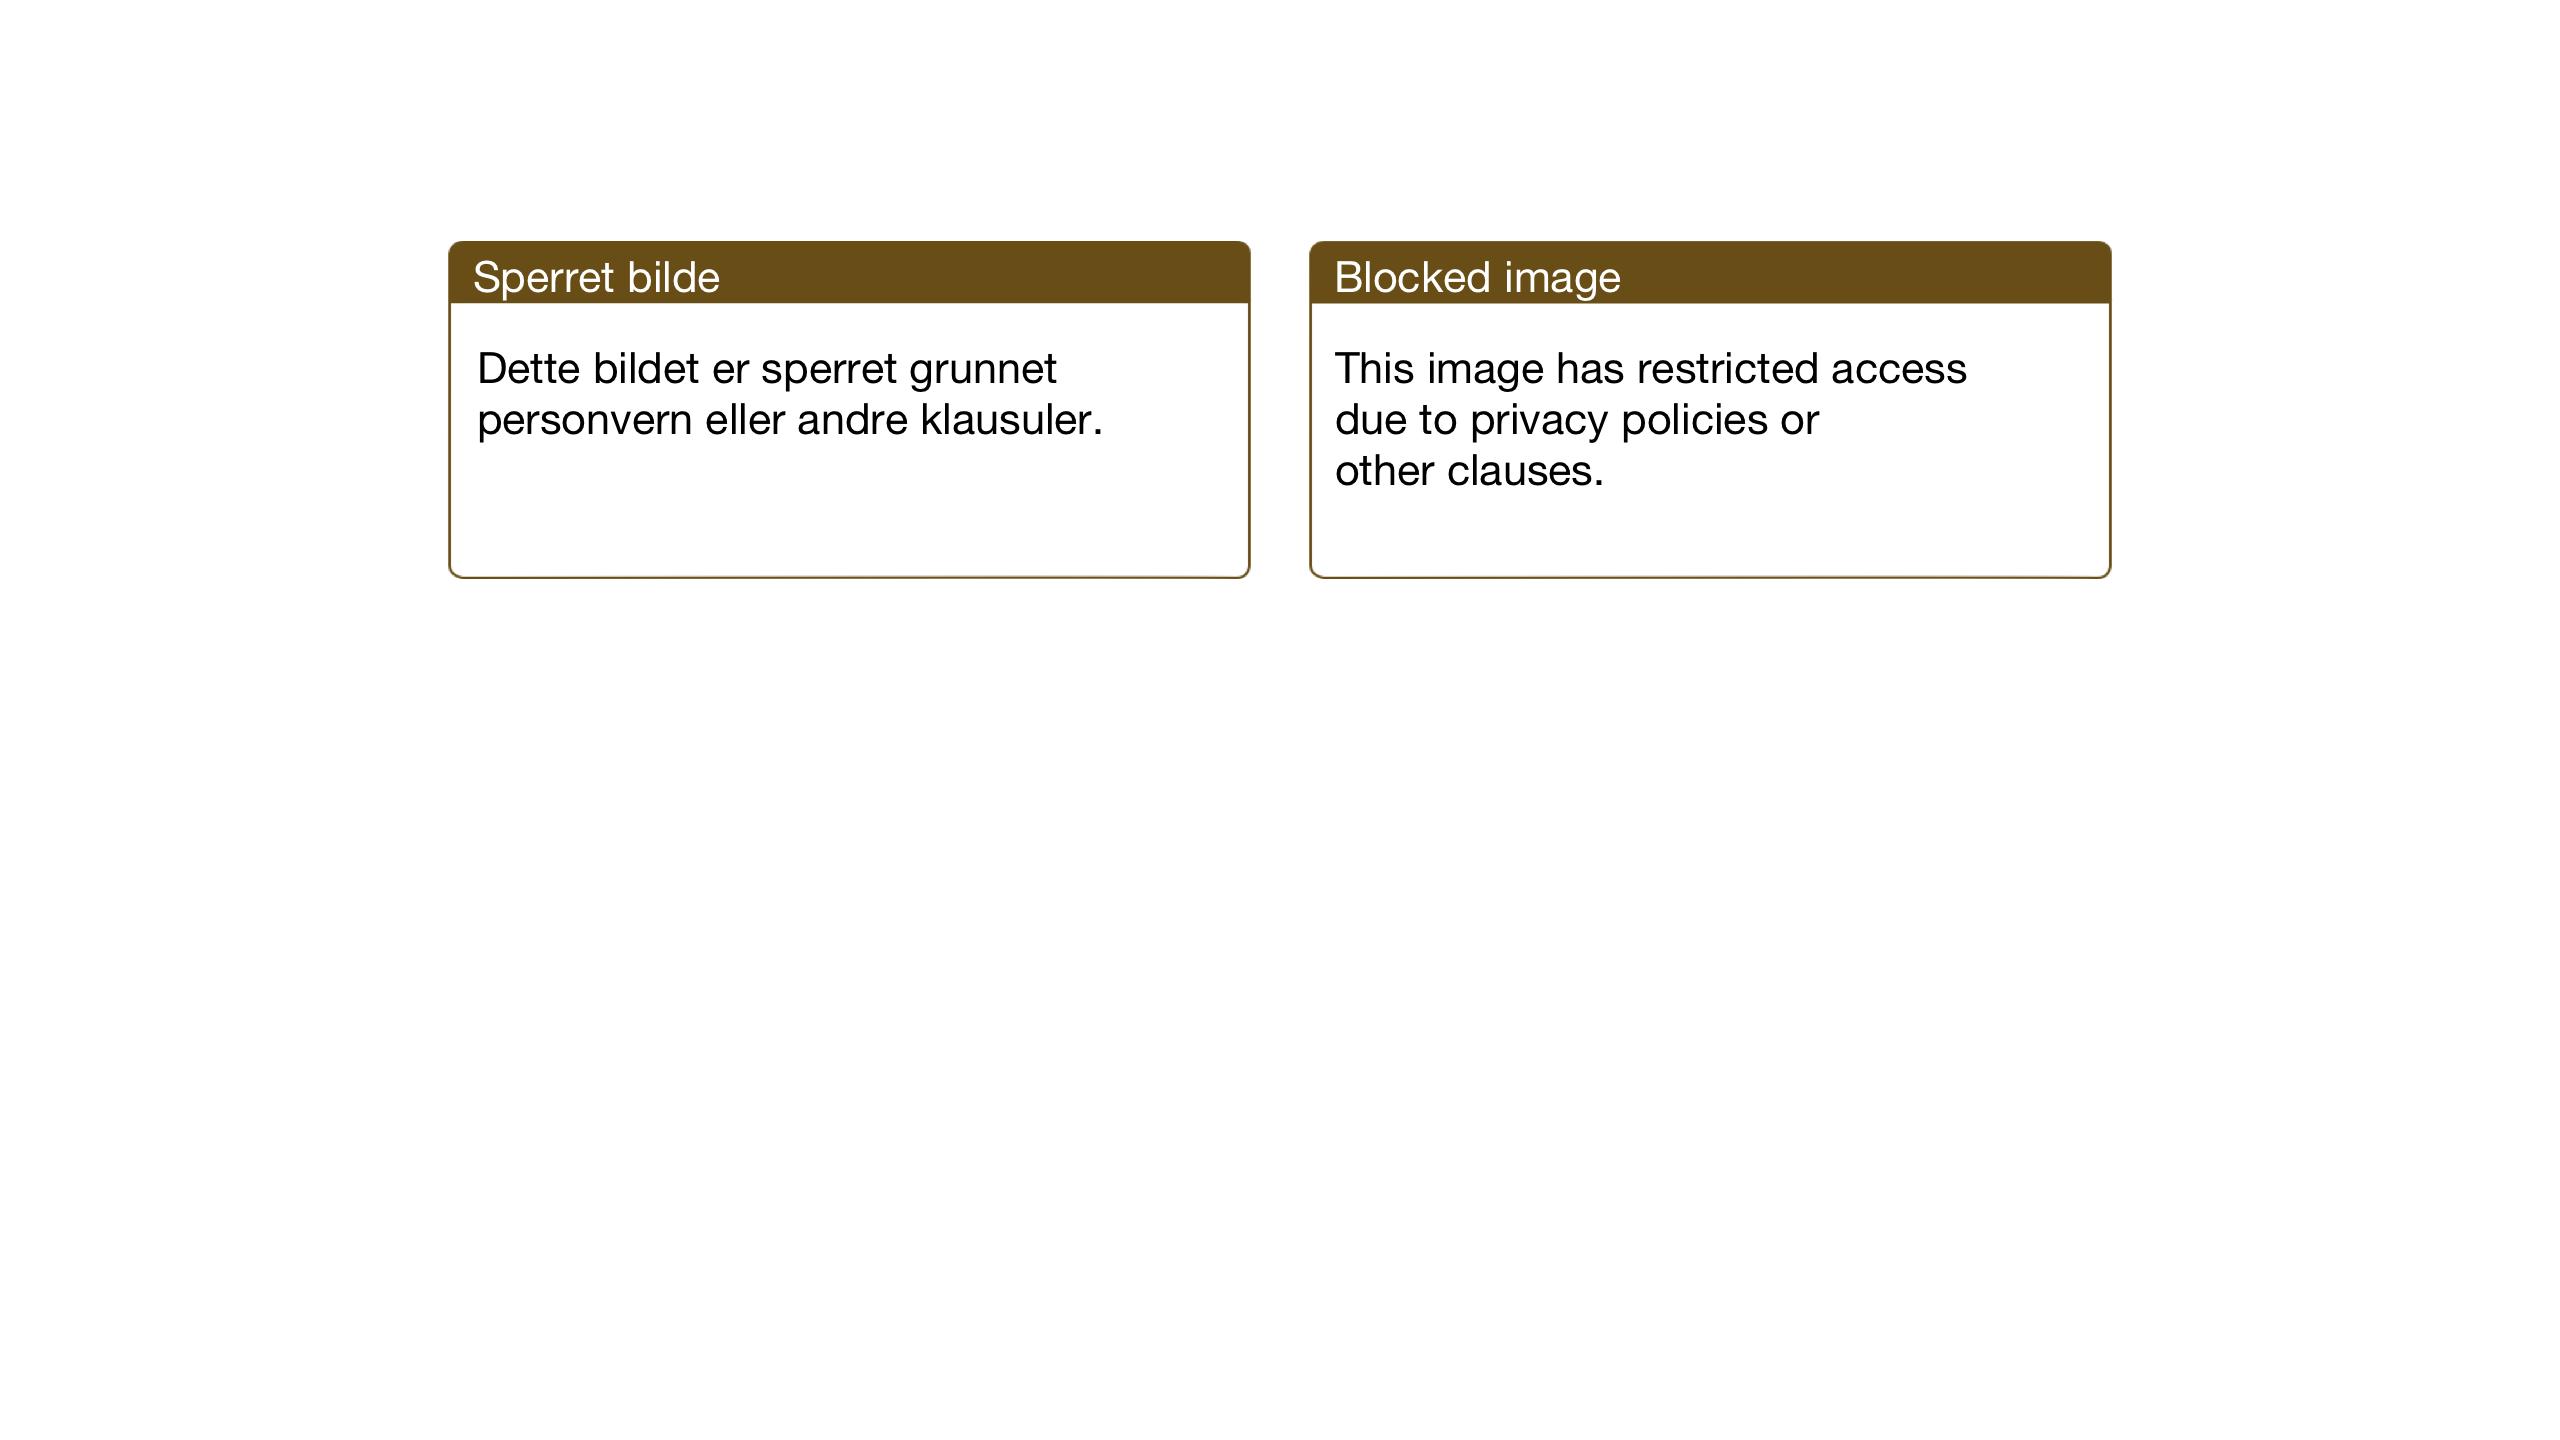 SAT, Ministerialprotokoller, klokkerbøker og fødselsregistre - Nord-Trøndelag, 755/L0500: Klokkerbok nr. 755C01, 1920-1962, s. 96